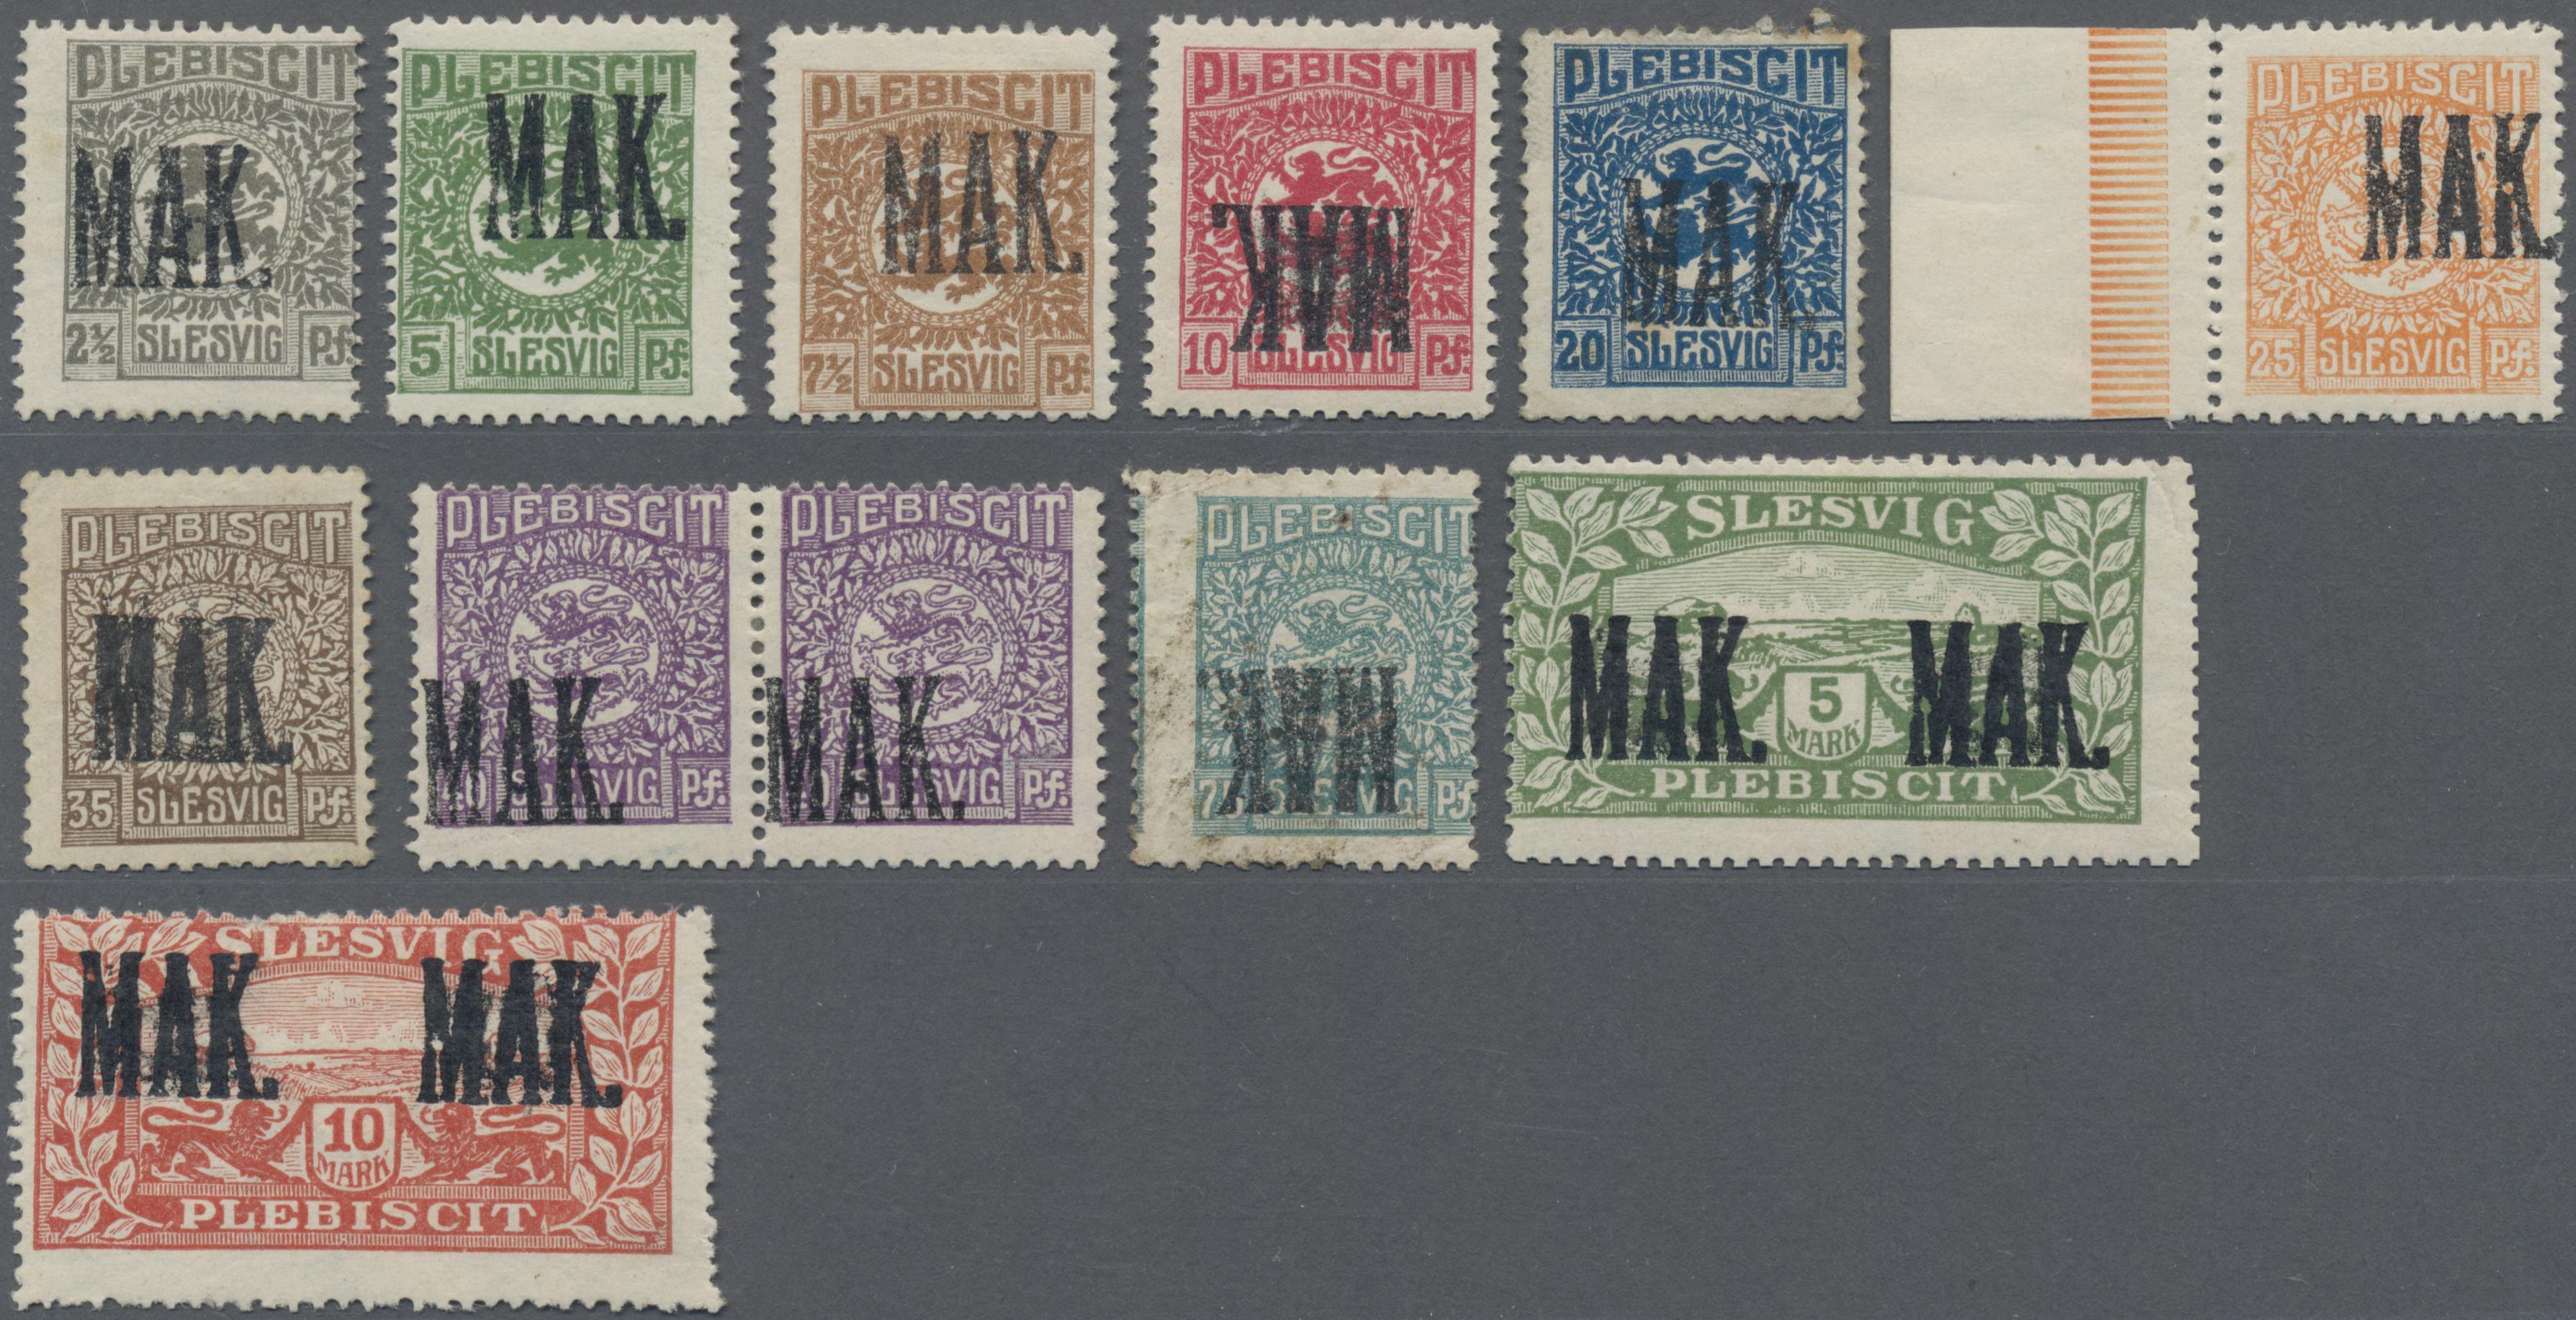 Lot 11586 - Deutsche Abstimmungsgebiete: Schleswig  -  Auktionshaus Christoph Gärtner GmbH & Co. KG Sale #48 The Single Lots Philatelie